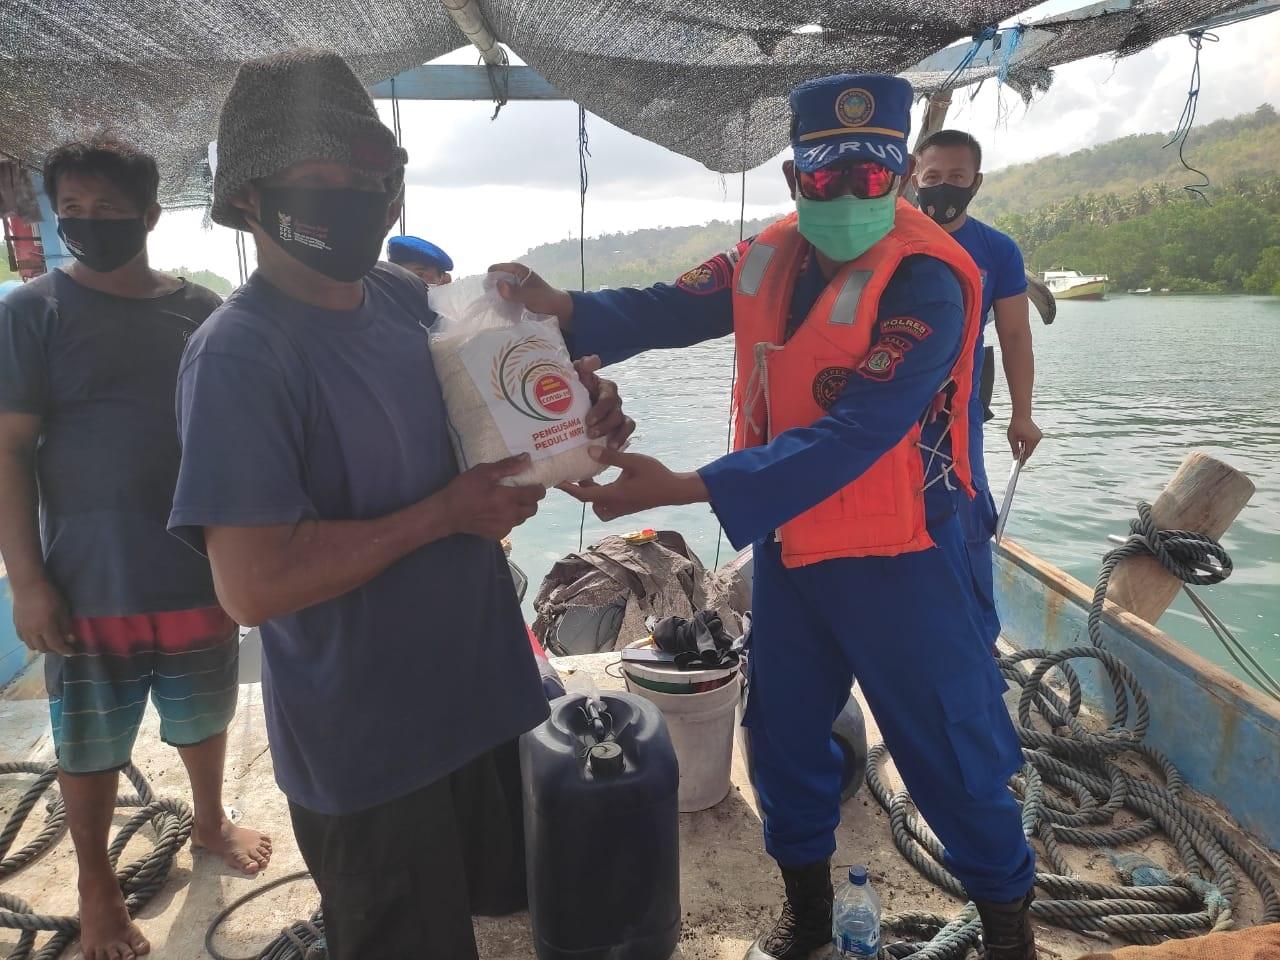 WARGA pesisir mendapat bantuan sembako dari Polres Klungkung, Minggu (8/8/2021). Foto: ist